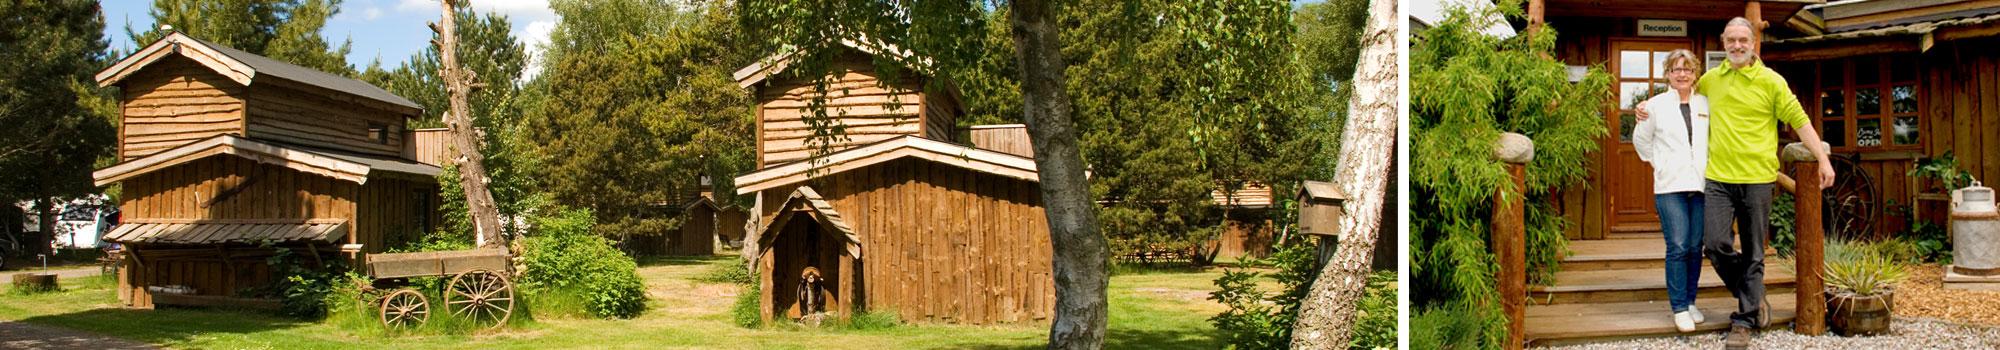 Western Camp hytter og ejere